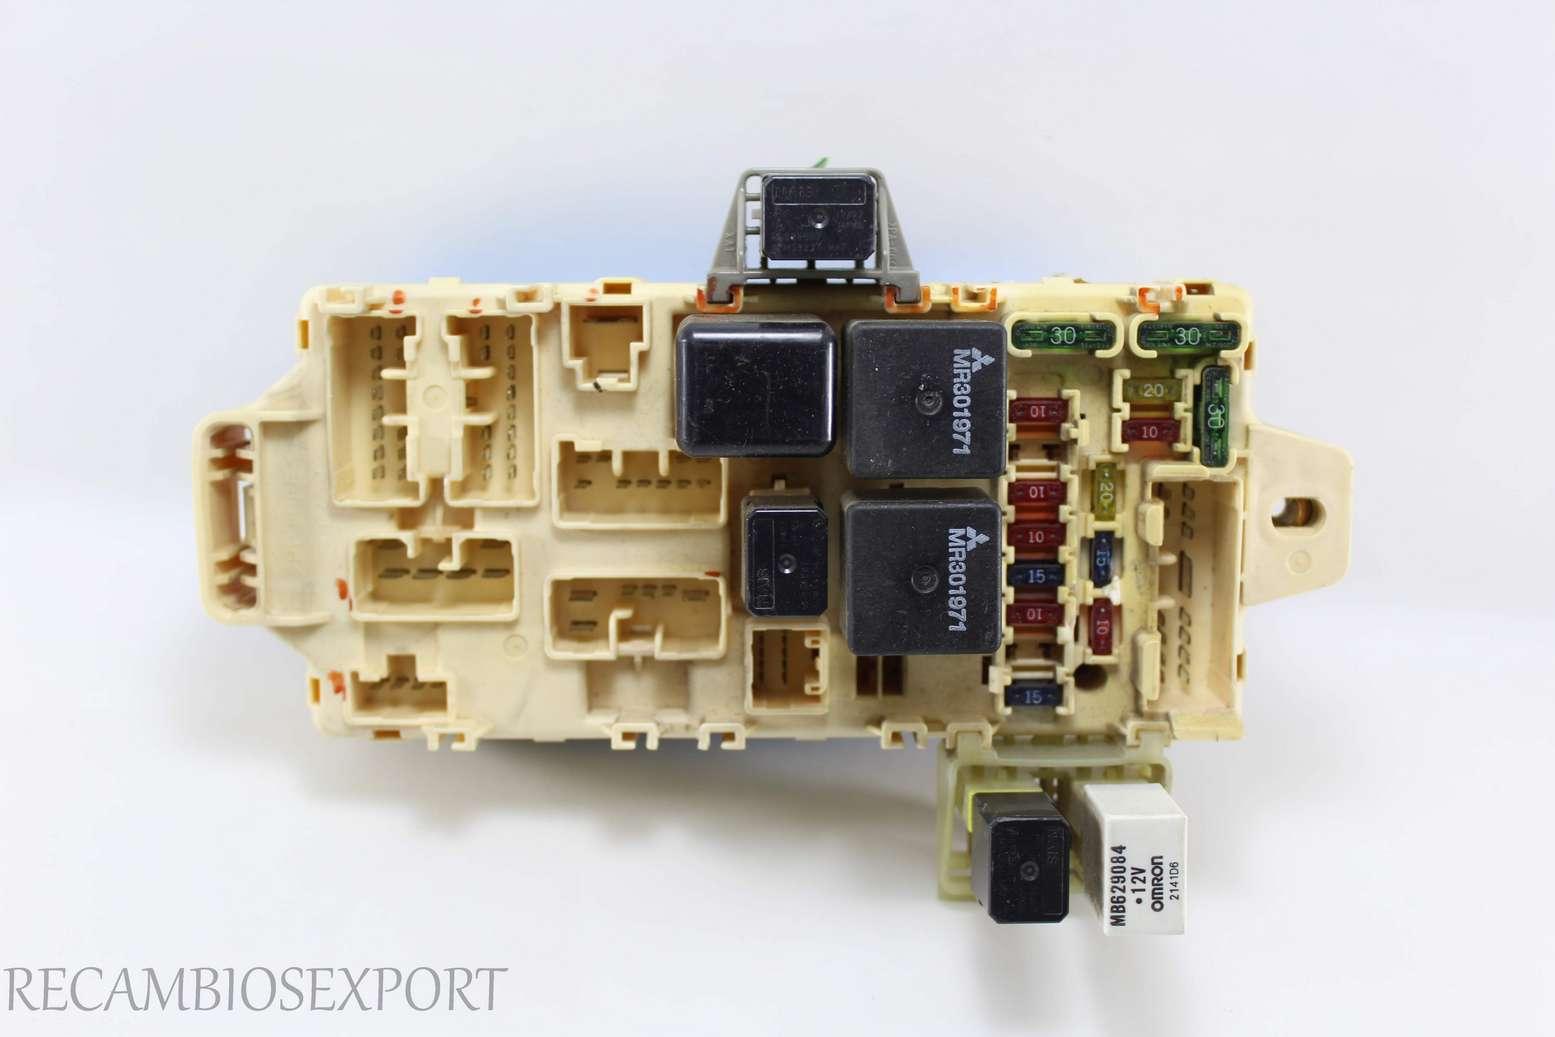 Cajas magnetotrmicos Delux Caja de fusibles para montaje en pared ...